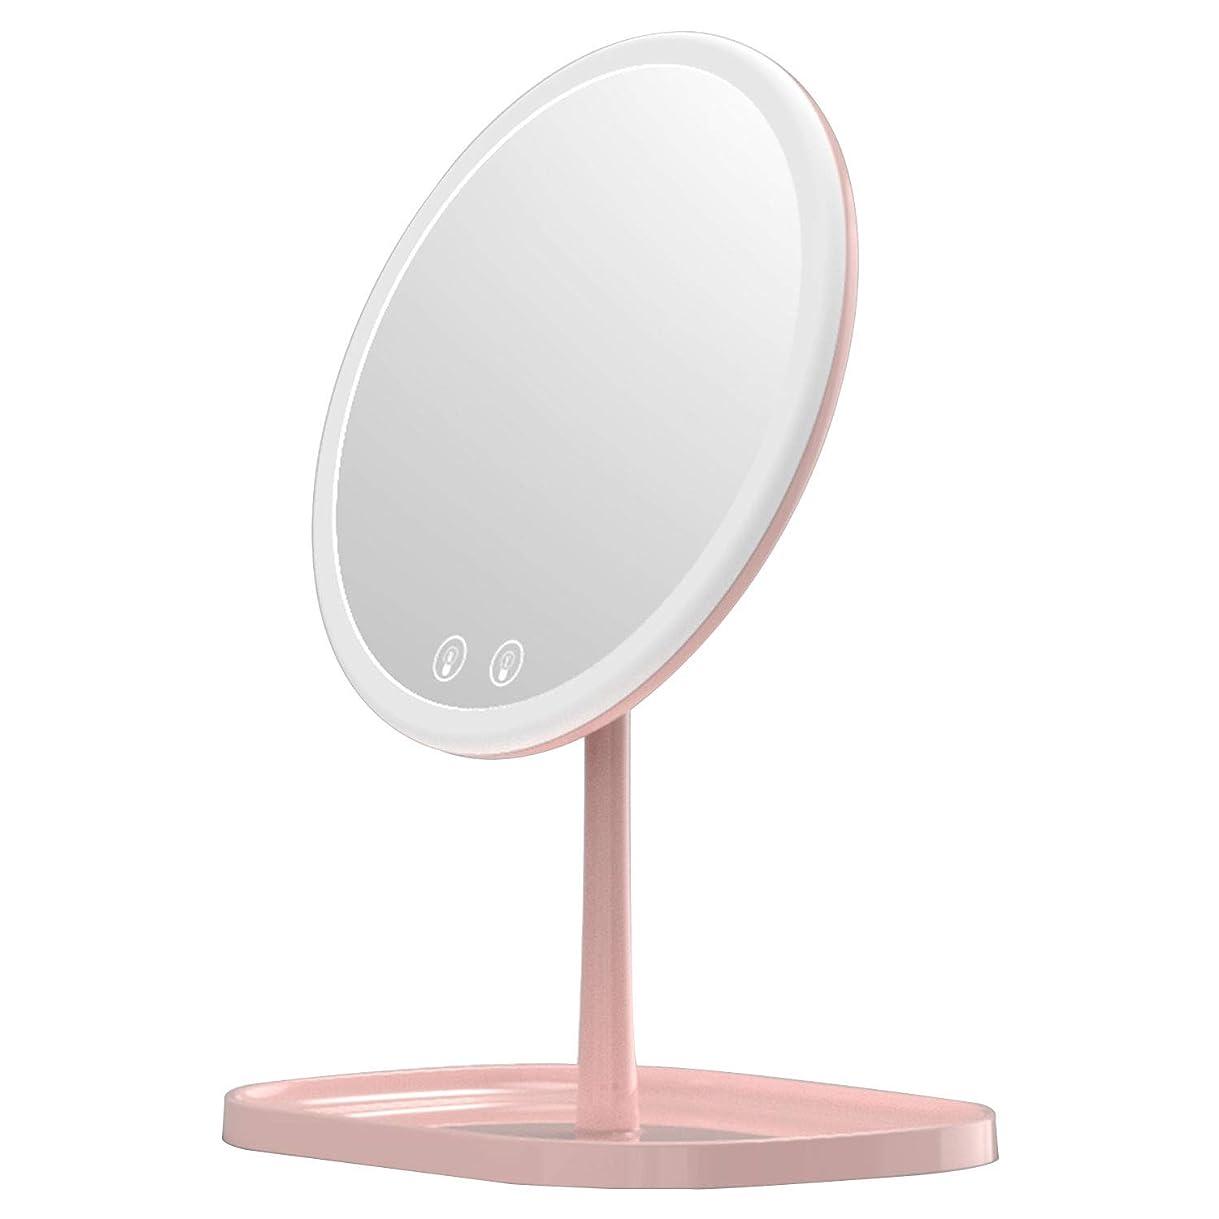 水没歩き回る食欲Mouyor 化粧鏡***化粧鏡充電式LED、1 x / 5 x拡大、5倍拡大鏡 LEDライト付き 卓上鏡 3色の照明モード(ピンク)